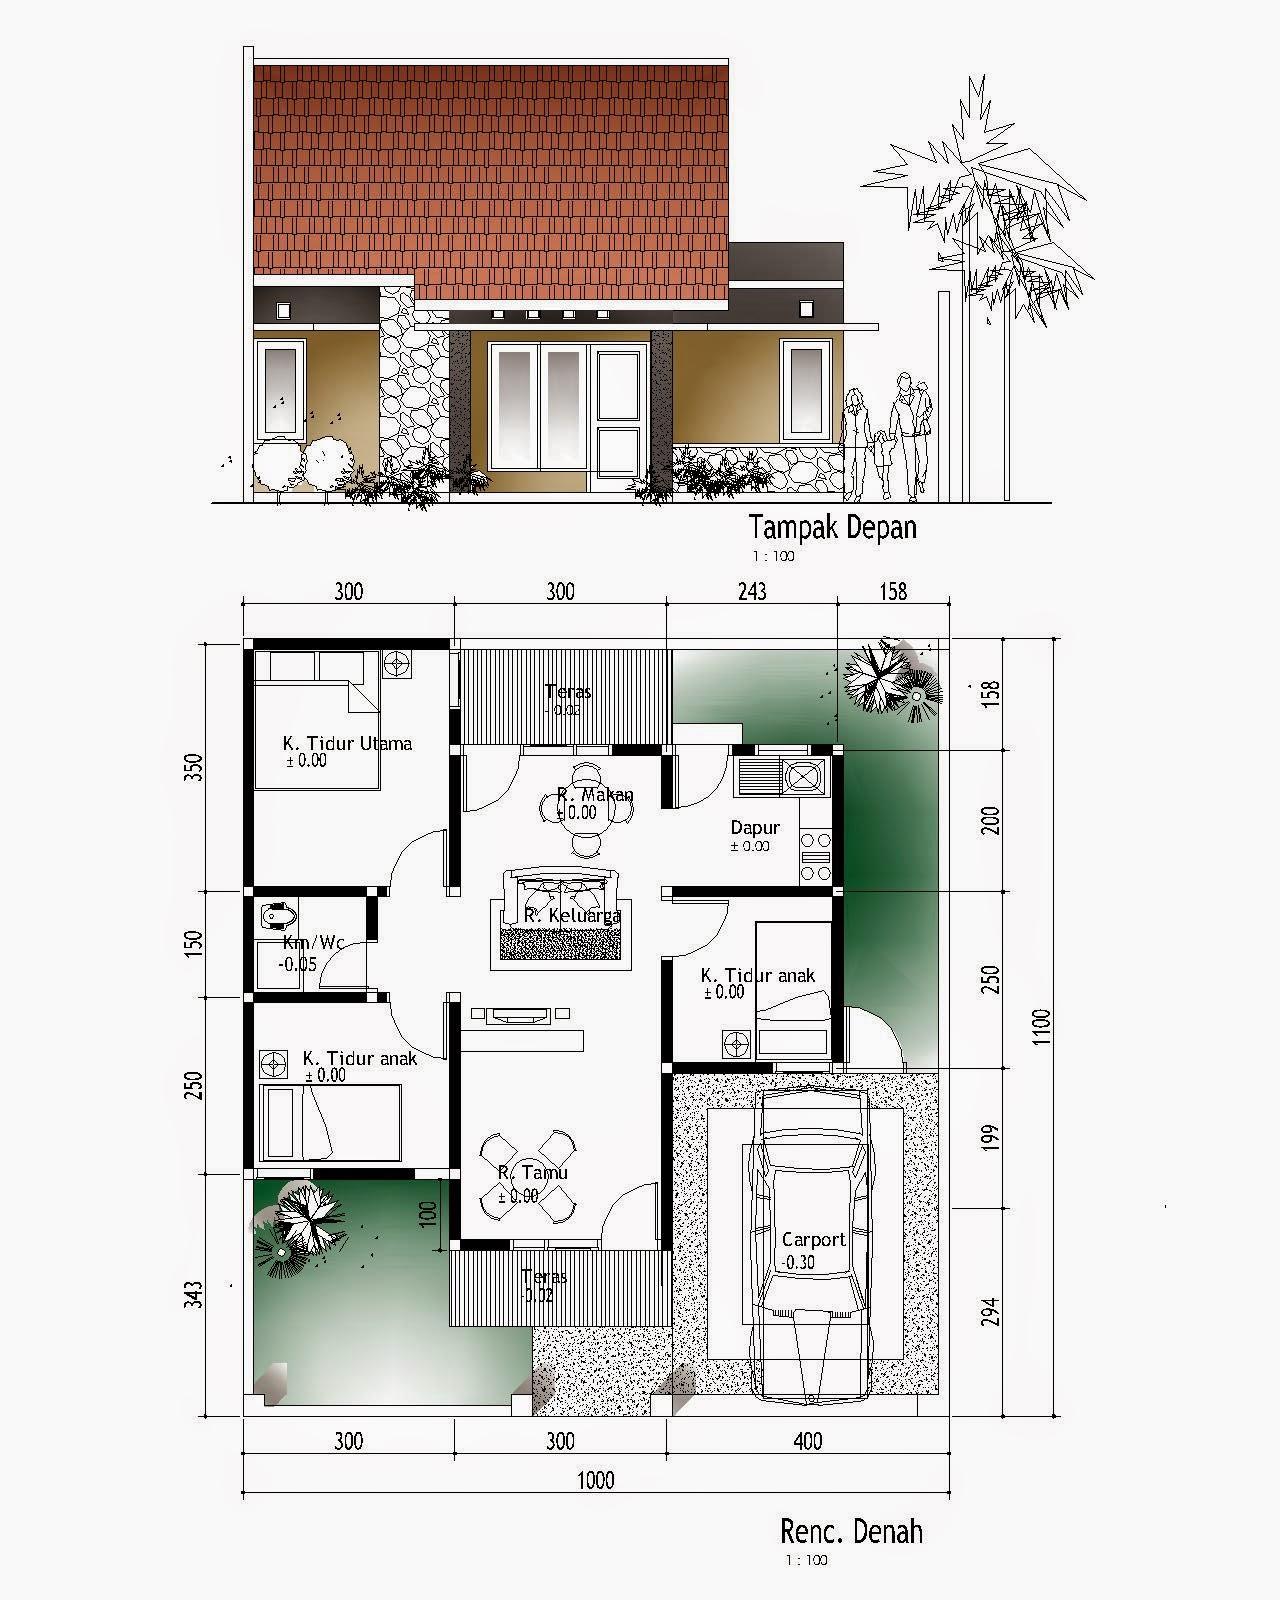 Denah Rumah Minimalis 3 Kamar Tidur Terbaru dan Terlengkap ...